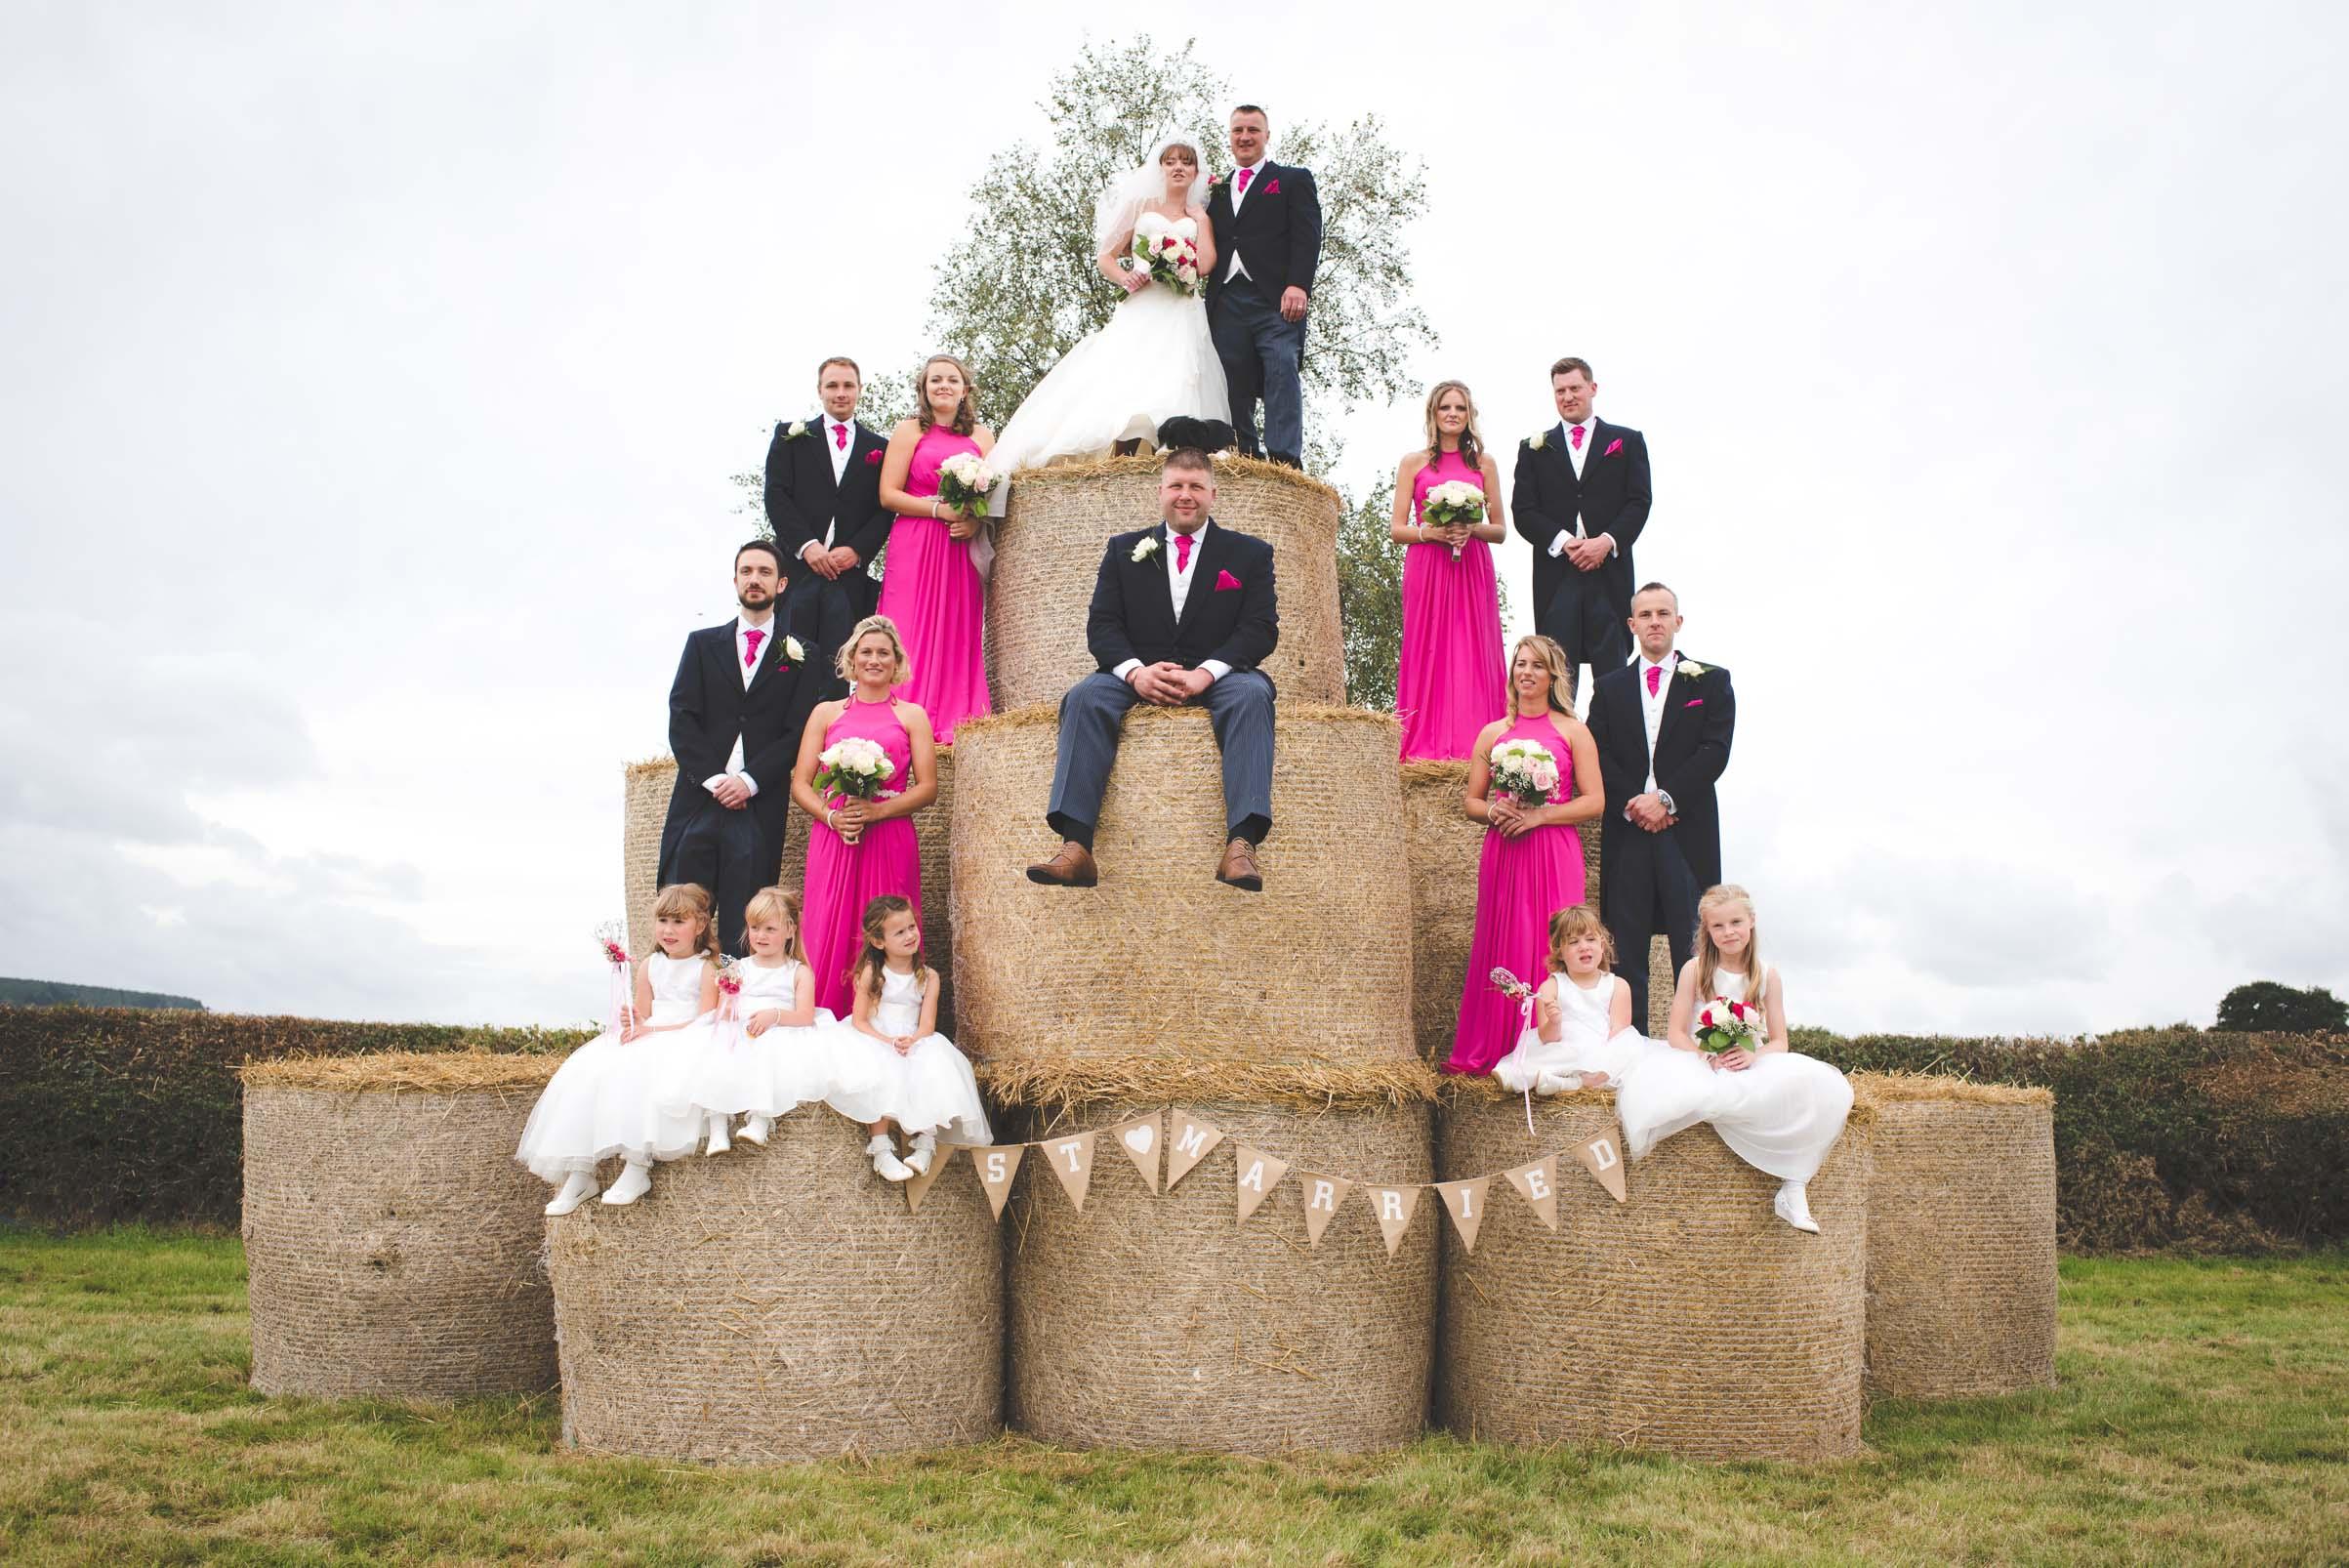 Farm-wedding-staffordshire-st-marys-catholic-church-uttoxter-68.jpg